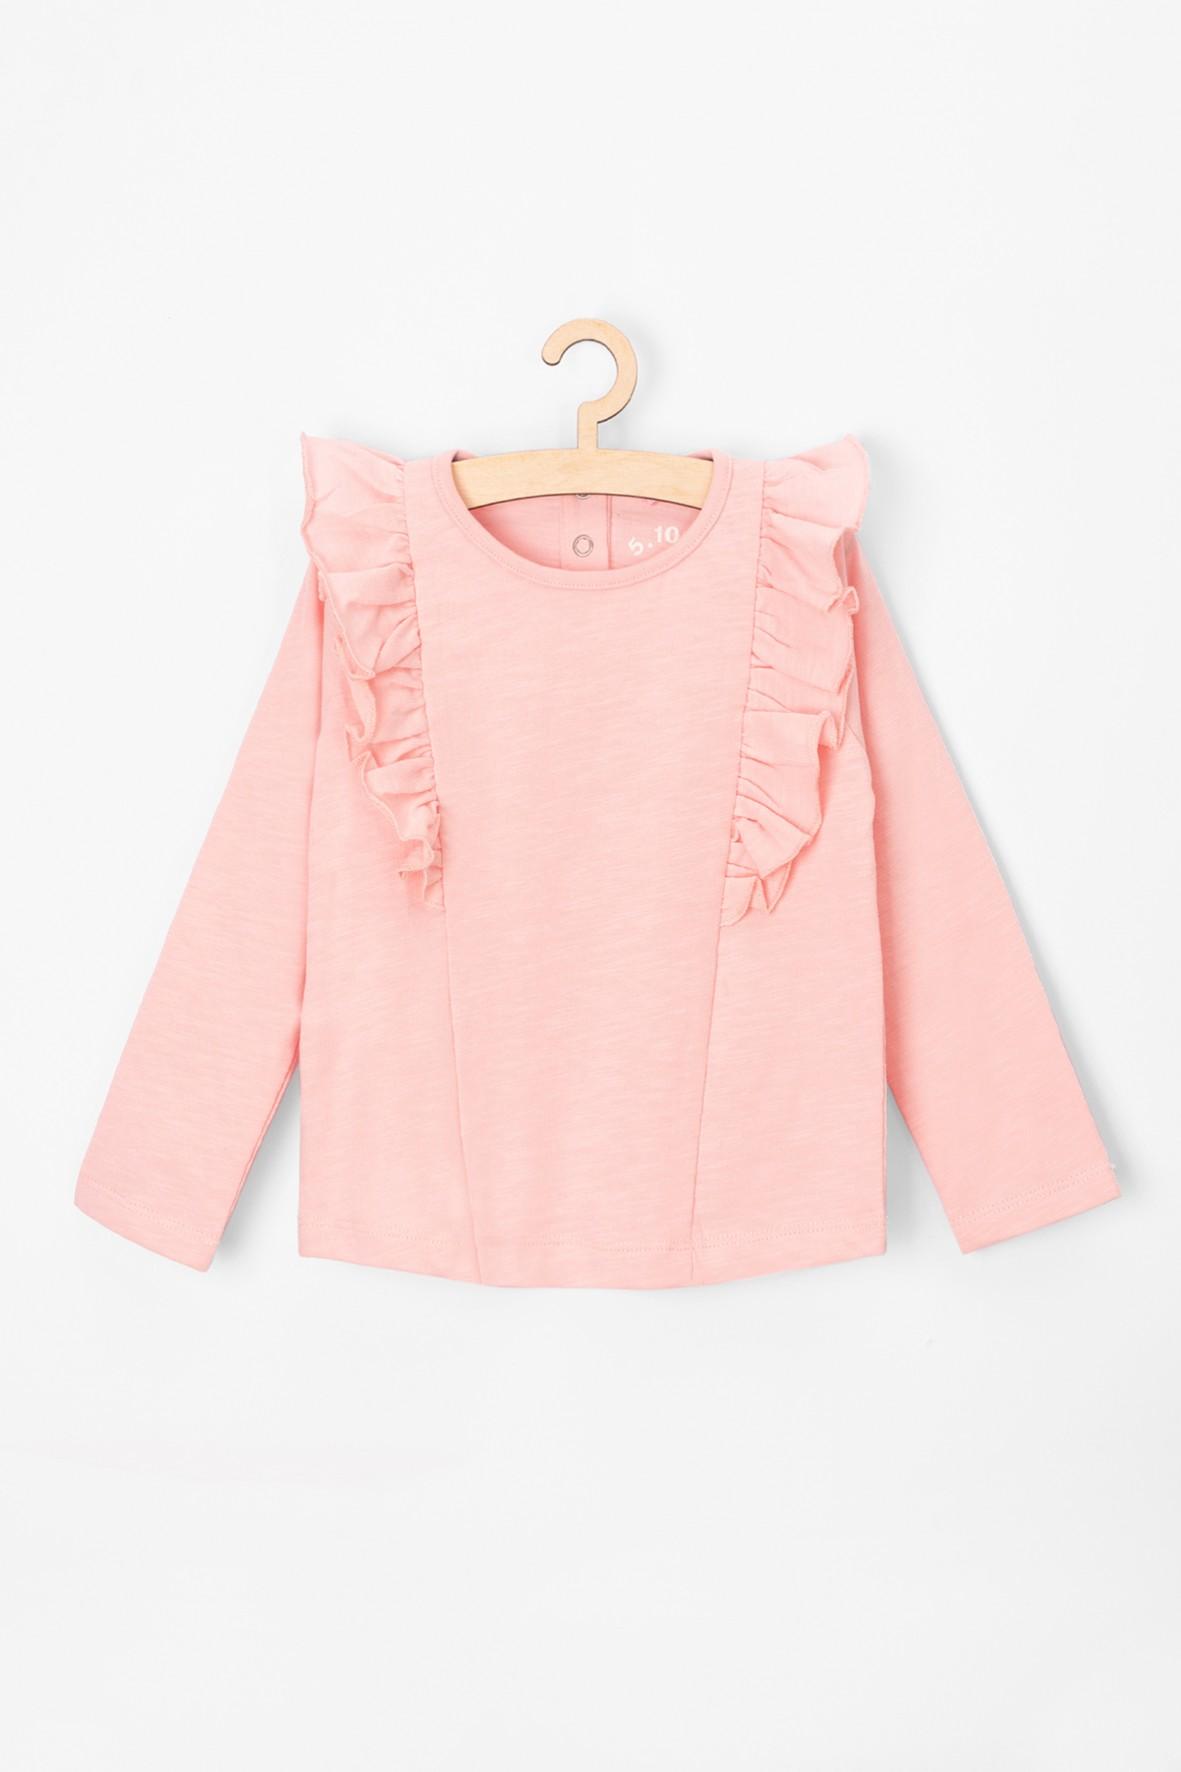 Bluzka niemowlęca różowa z ozdobną falbanką przy rękawach